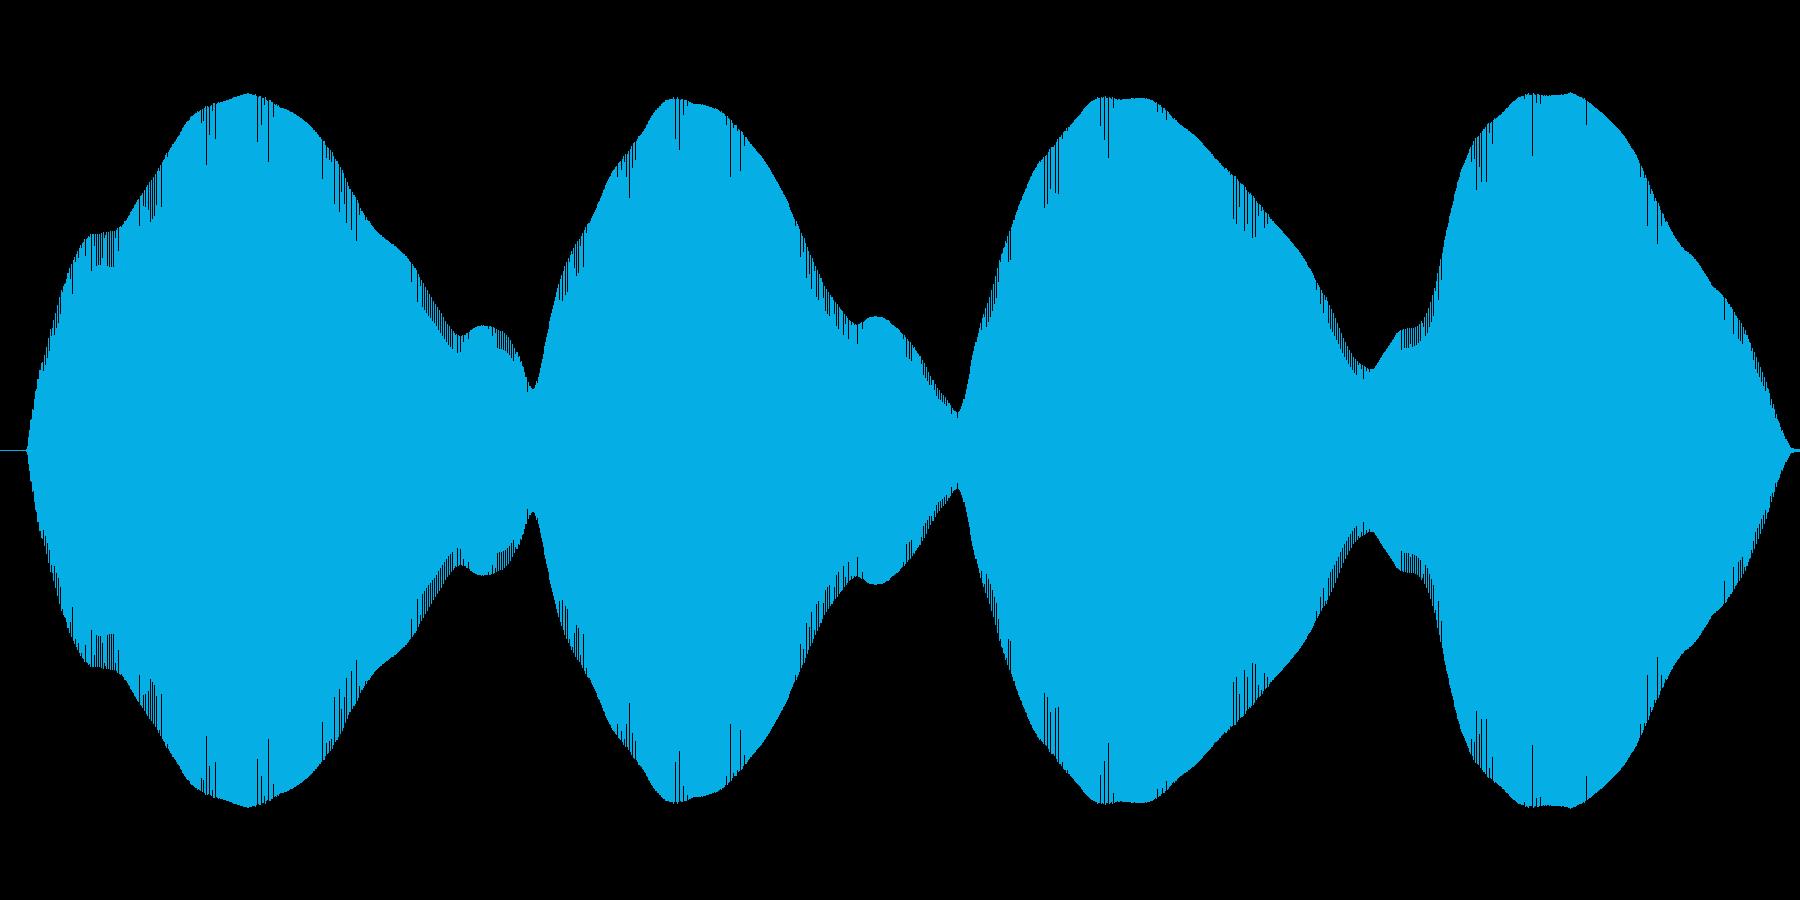 ウワーンウワンワンワン( 間違い!)の再生済みの波形